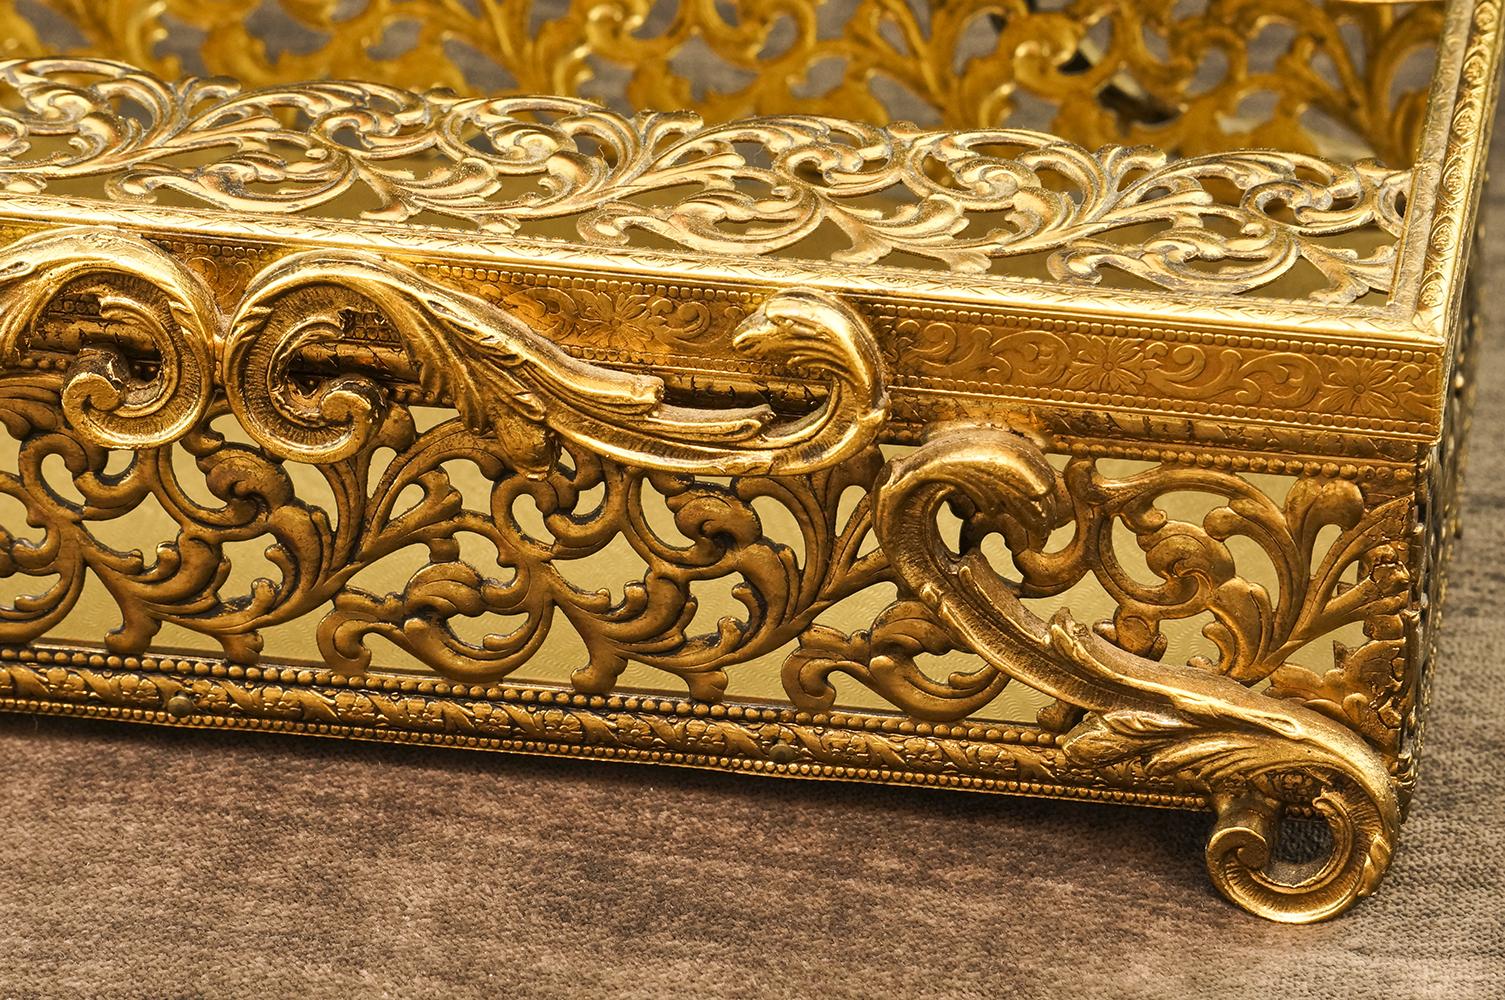 スタイルビルト製 ゴールド クラシカルリーフ ティッシュボックス 拡大